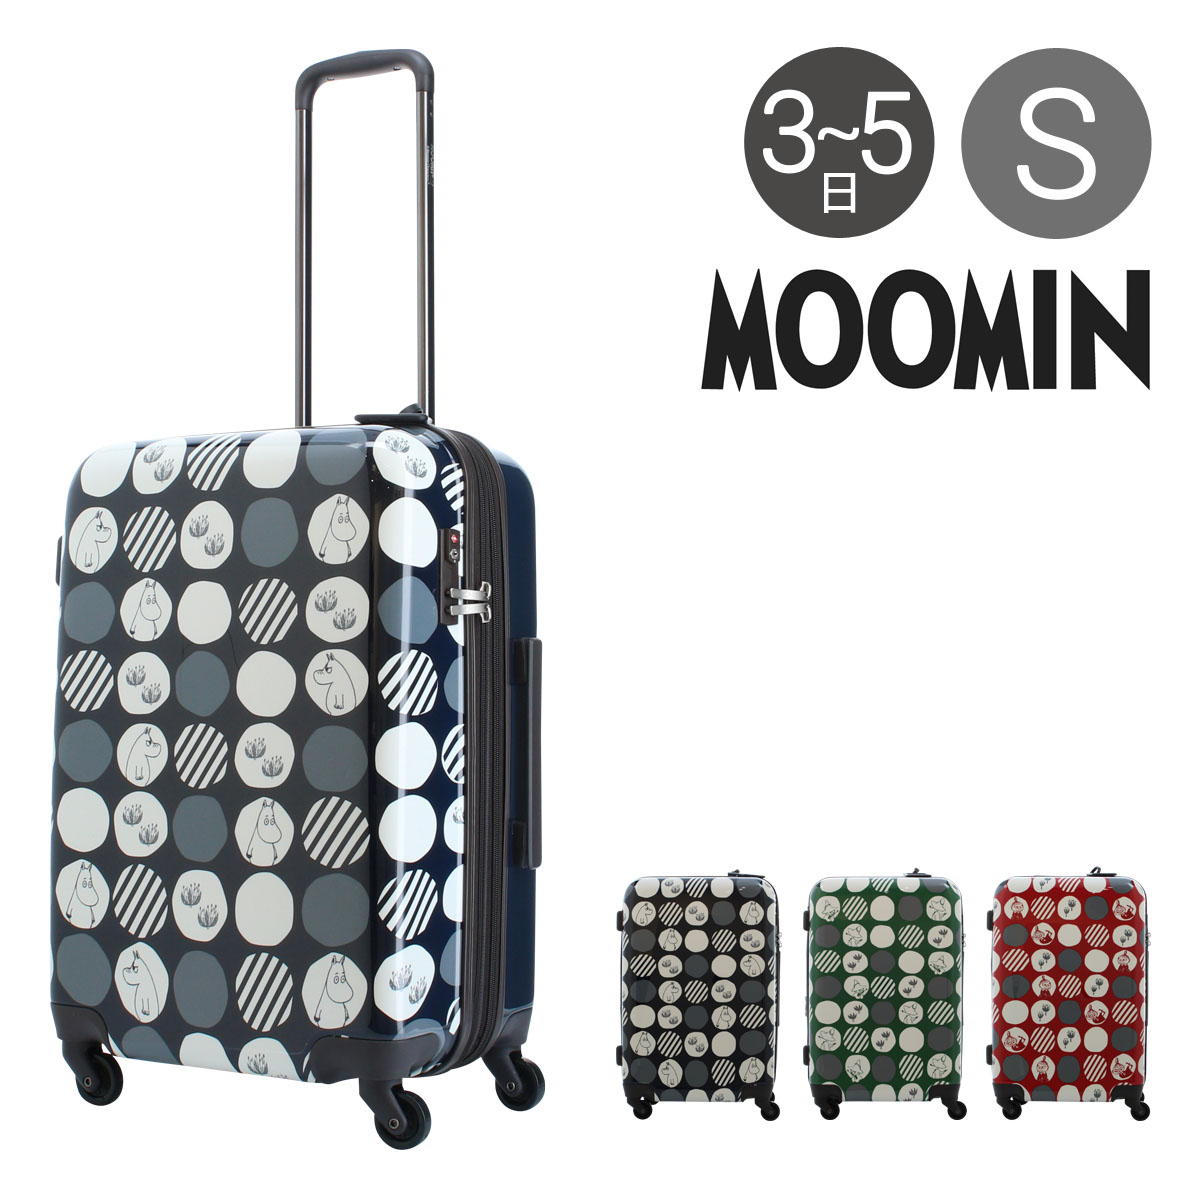 【Pさらに10倍★お買い物マラソン期間限定エントリー】ムーミン スーツケース 当社限定 かわいい|50L 56cm 3.9kg MM2-020|拡張 ハード ファスナー|MOOMIN|TSAロック搭載|大容量|おしゃれ|キャラクター キャリーバッグ キャリーケース[即日発送]